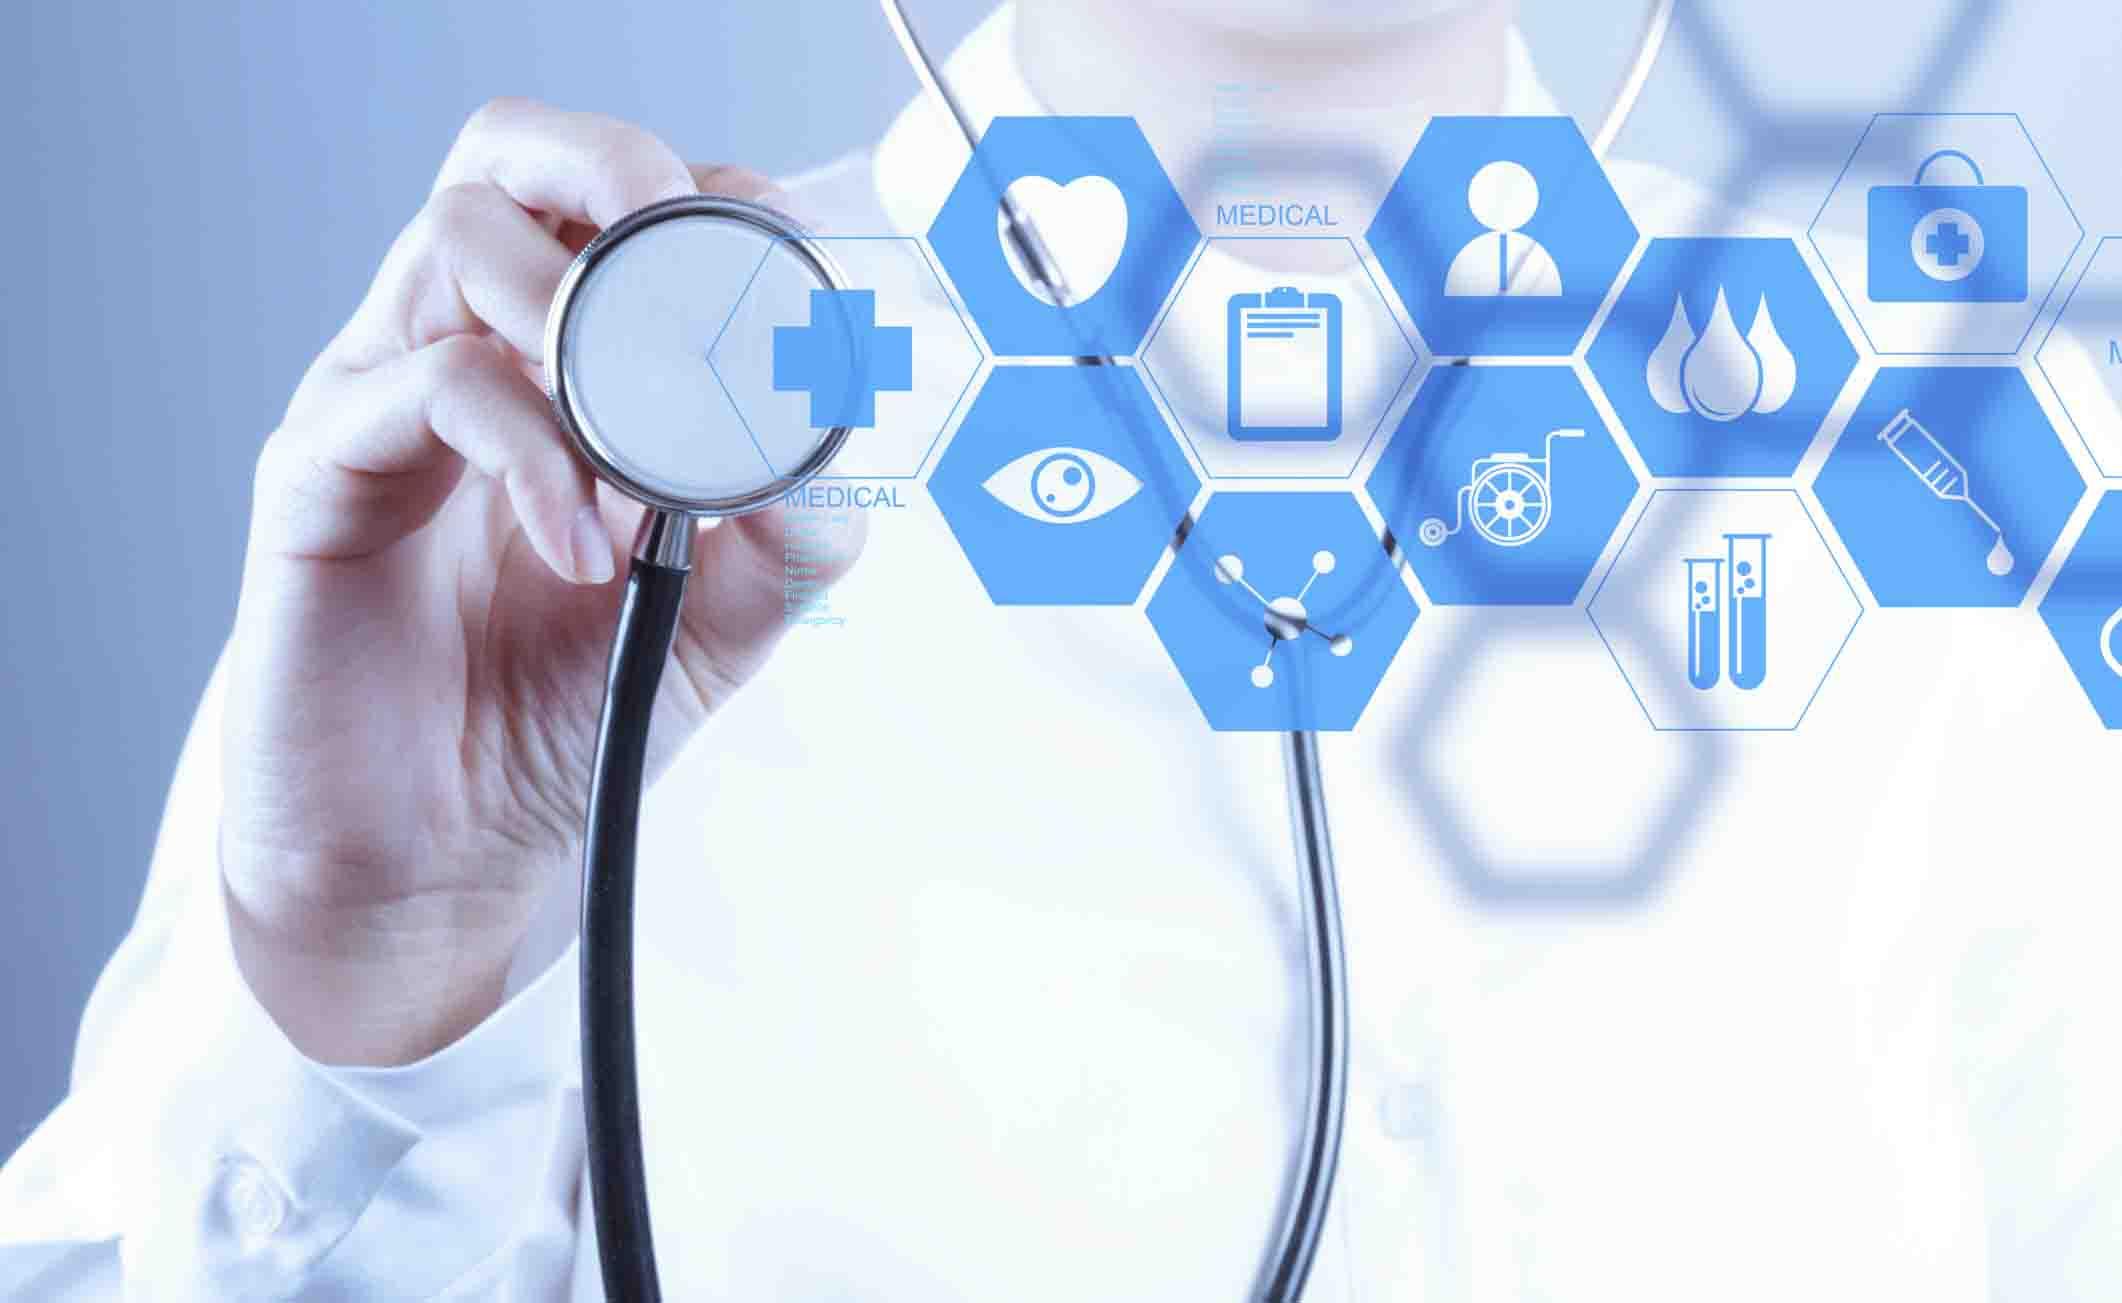 Le 10 innovazioni mediche che cambieranno in meglio la salute